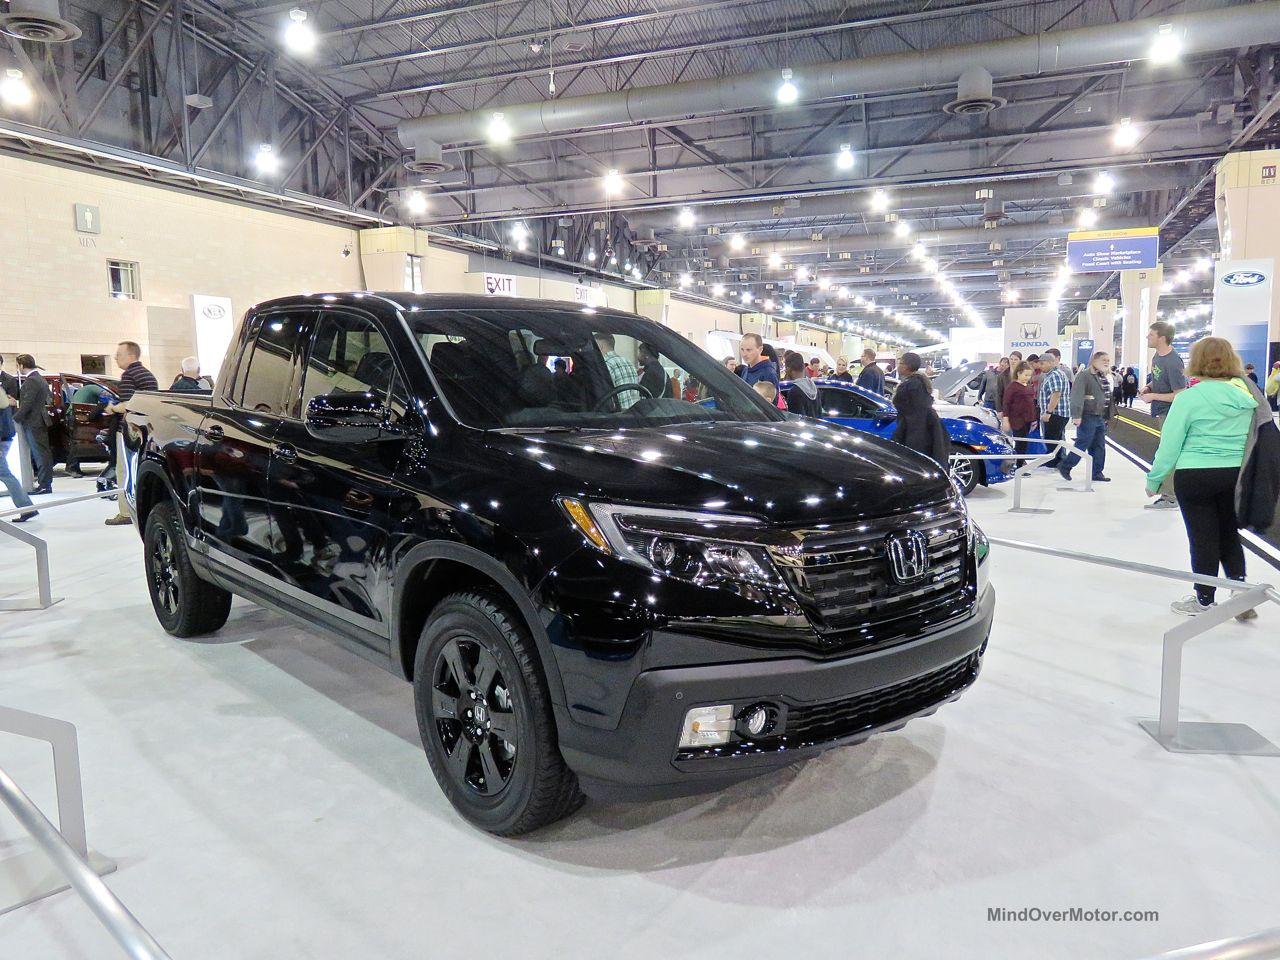 Philly Auto Show 2016 Honda Ridgeline